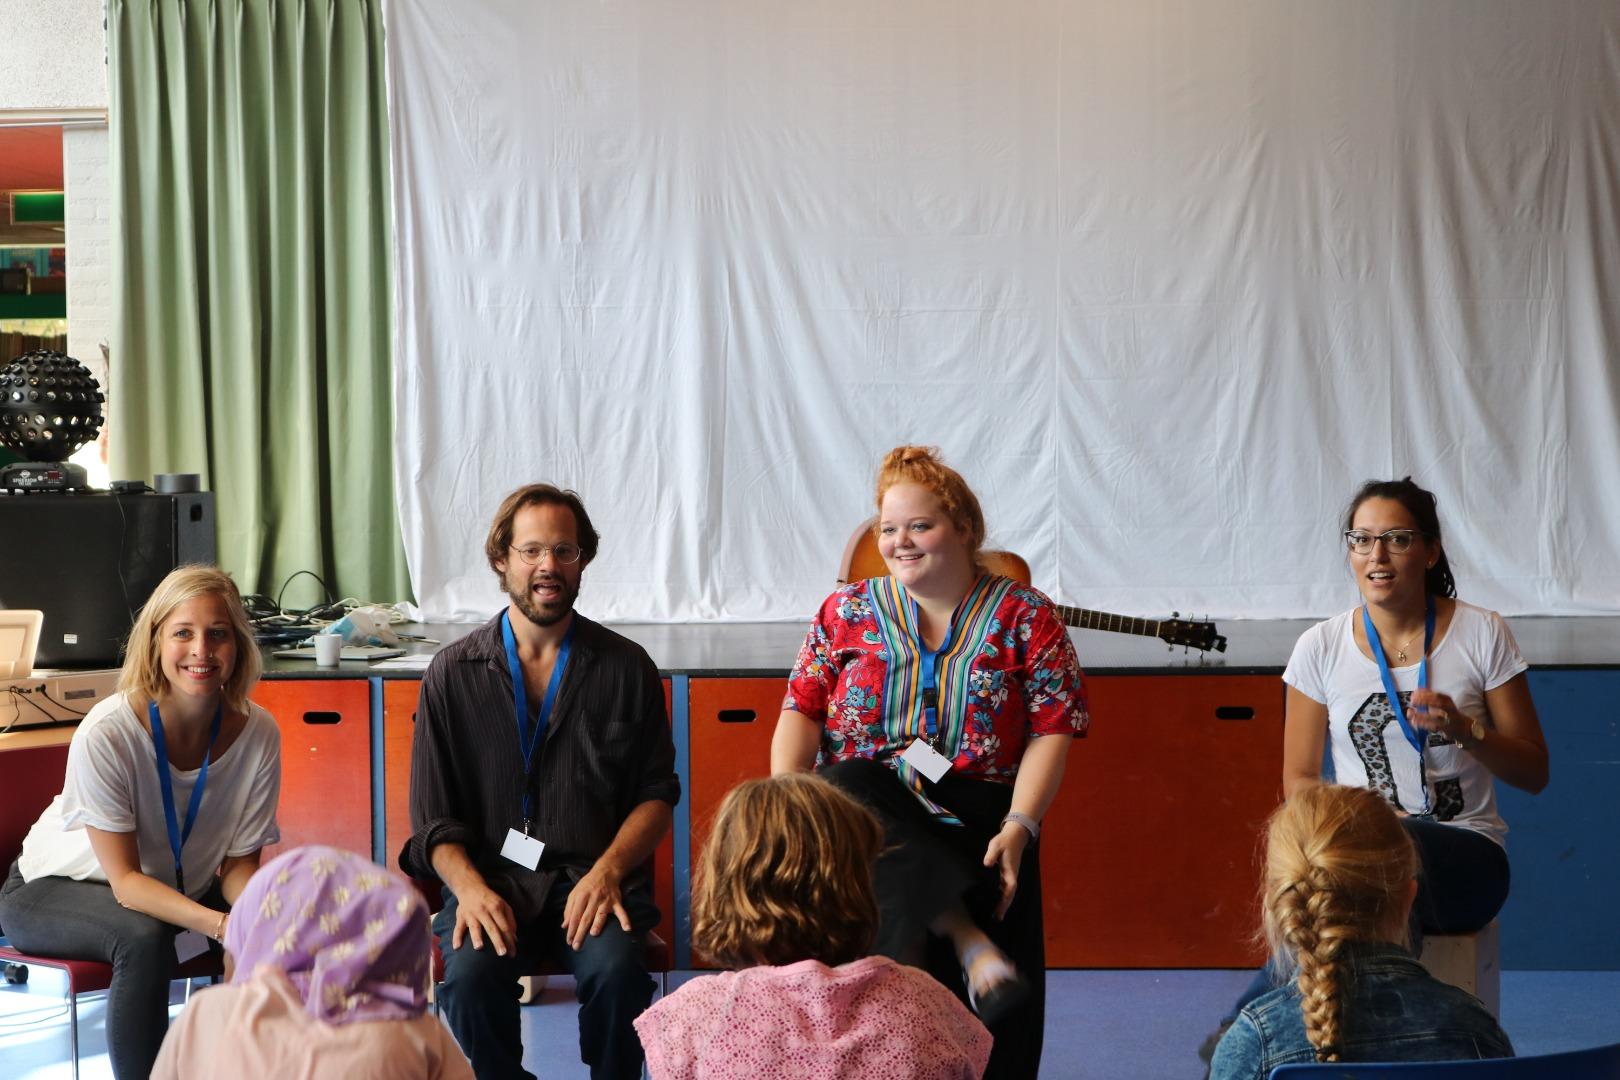 Cultuurbox Cultuuraanbod voor Boxtel, MuziTaal